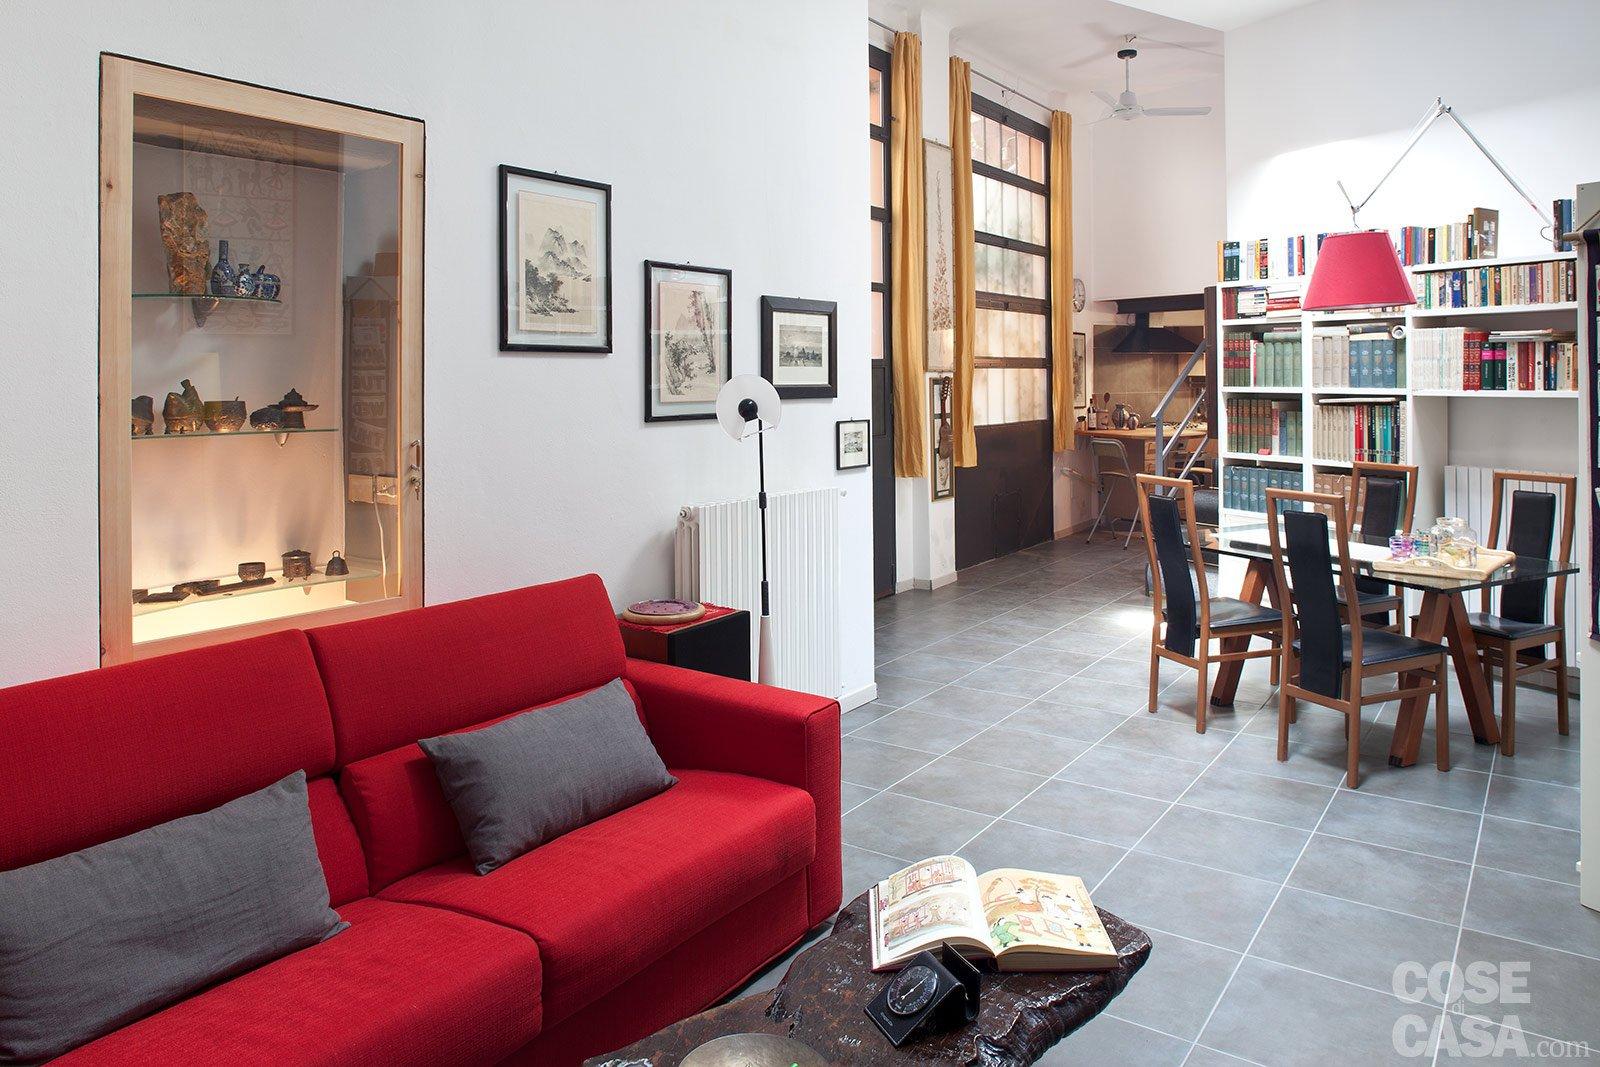 Idee pittura soggiorno ~ avienix.com for .